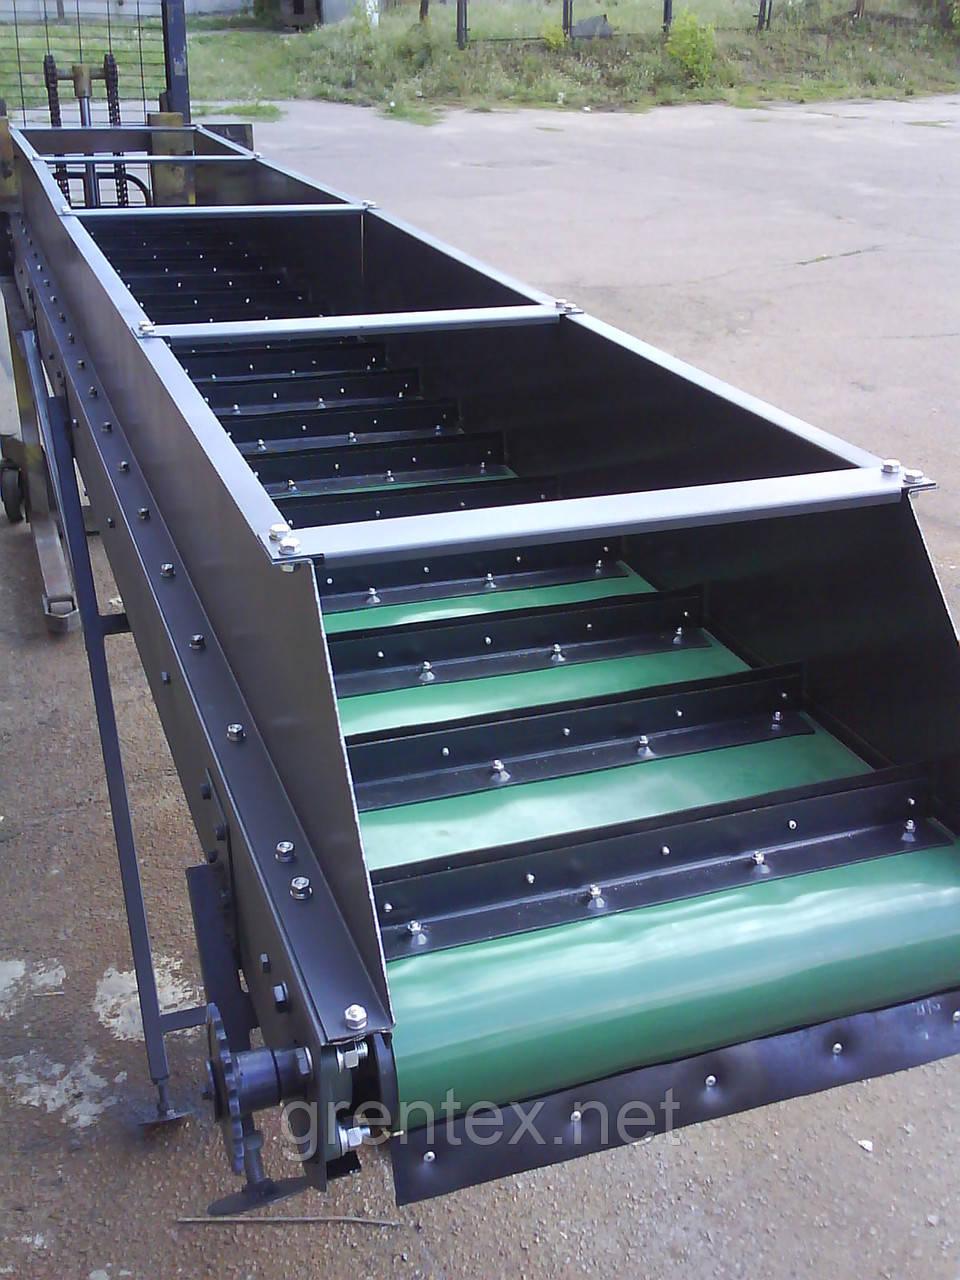 Конвейер наклонный ленточный подвеска передняя транспортер т4